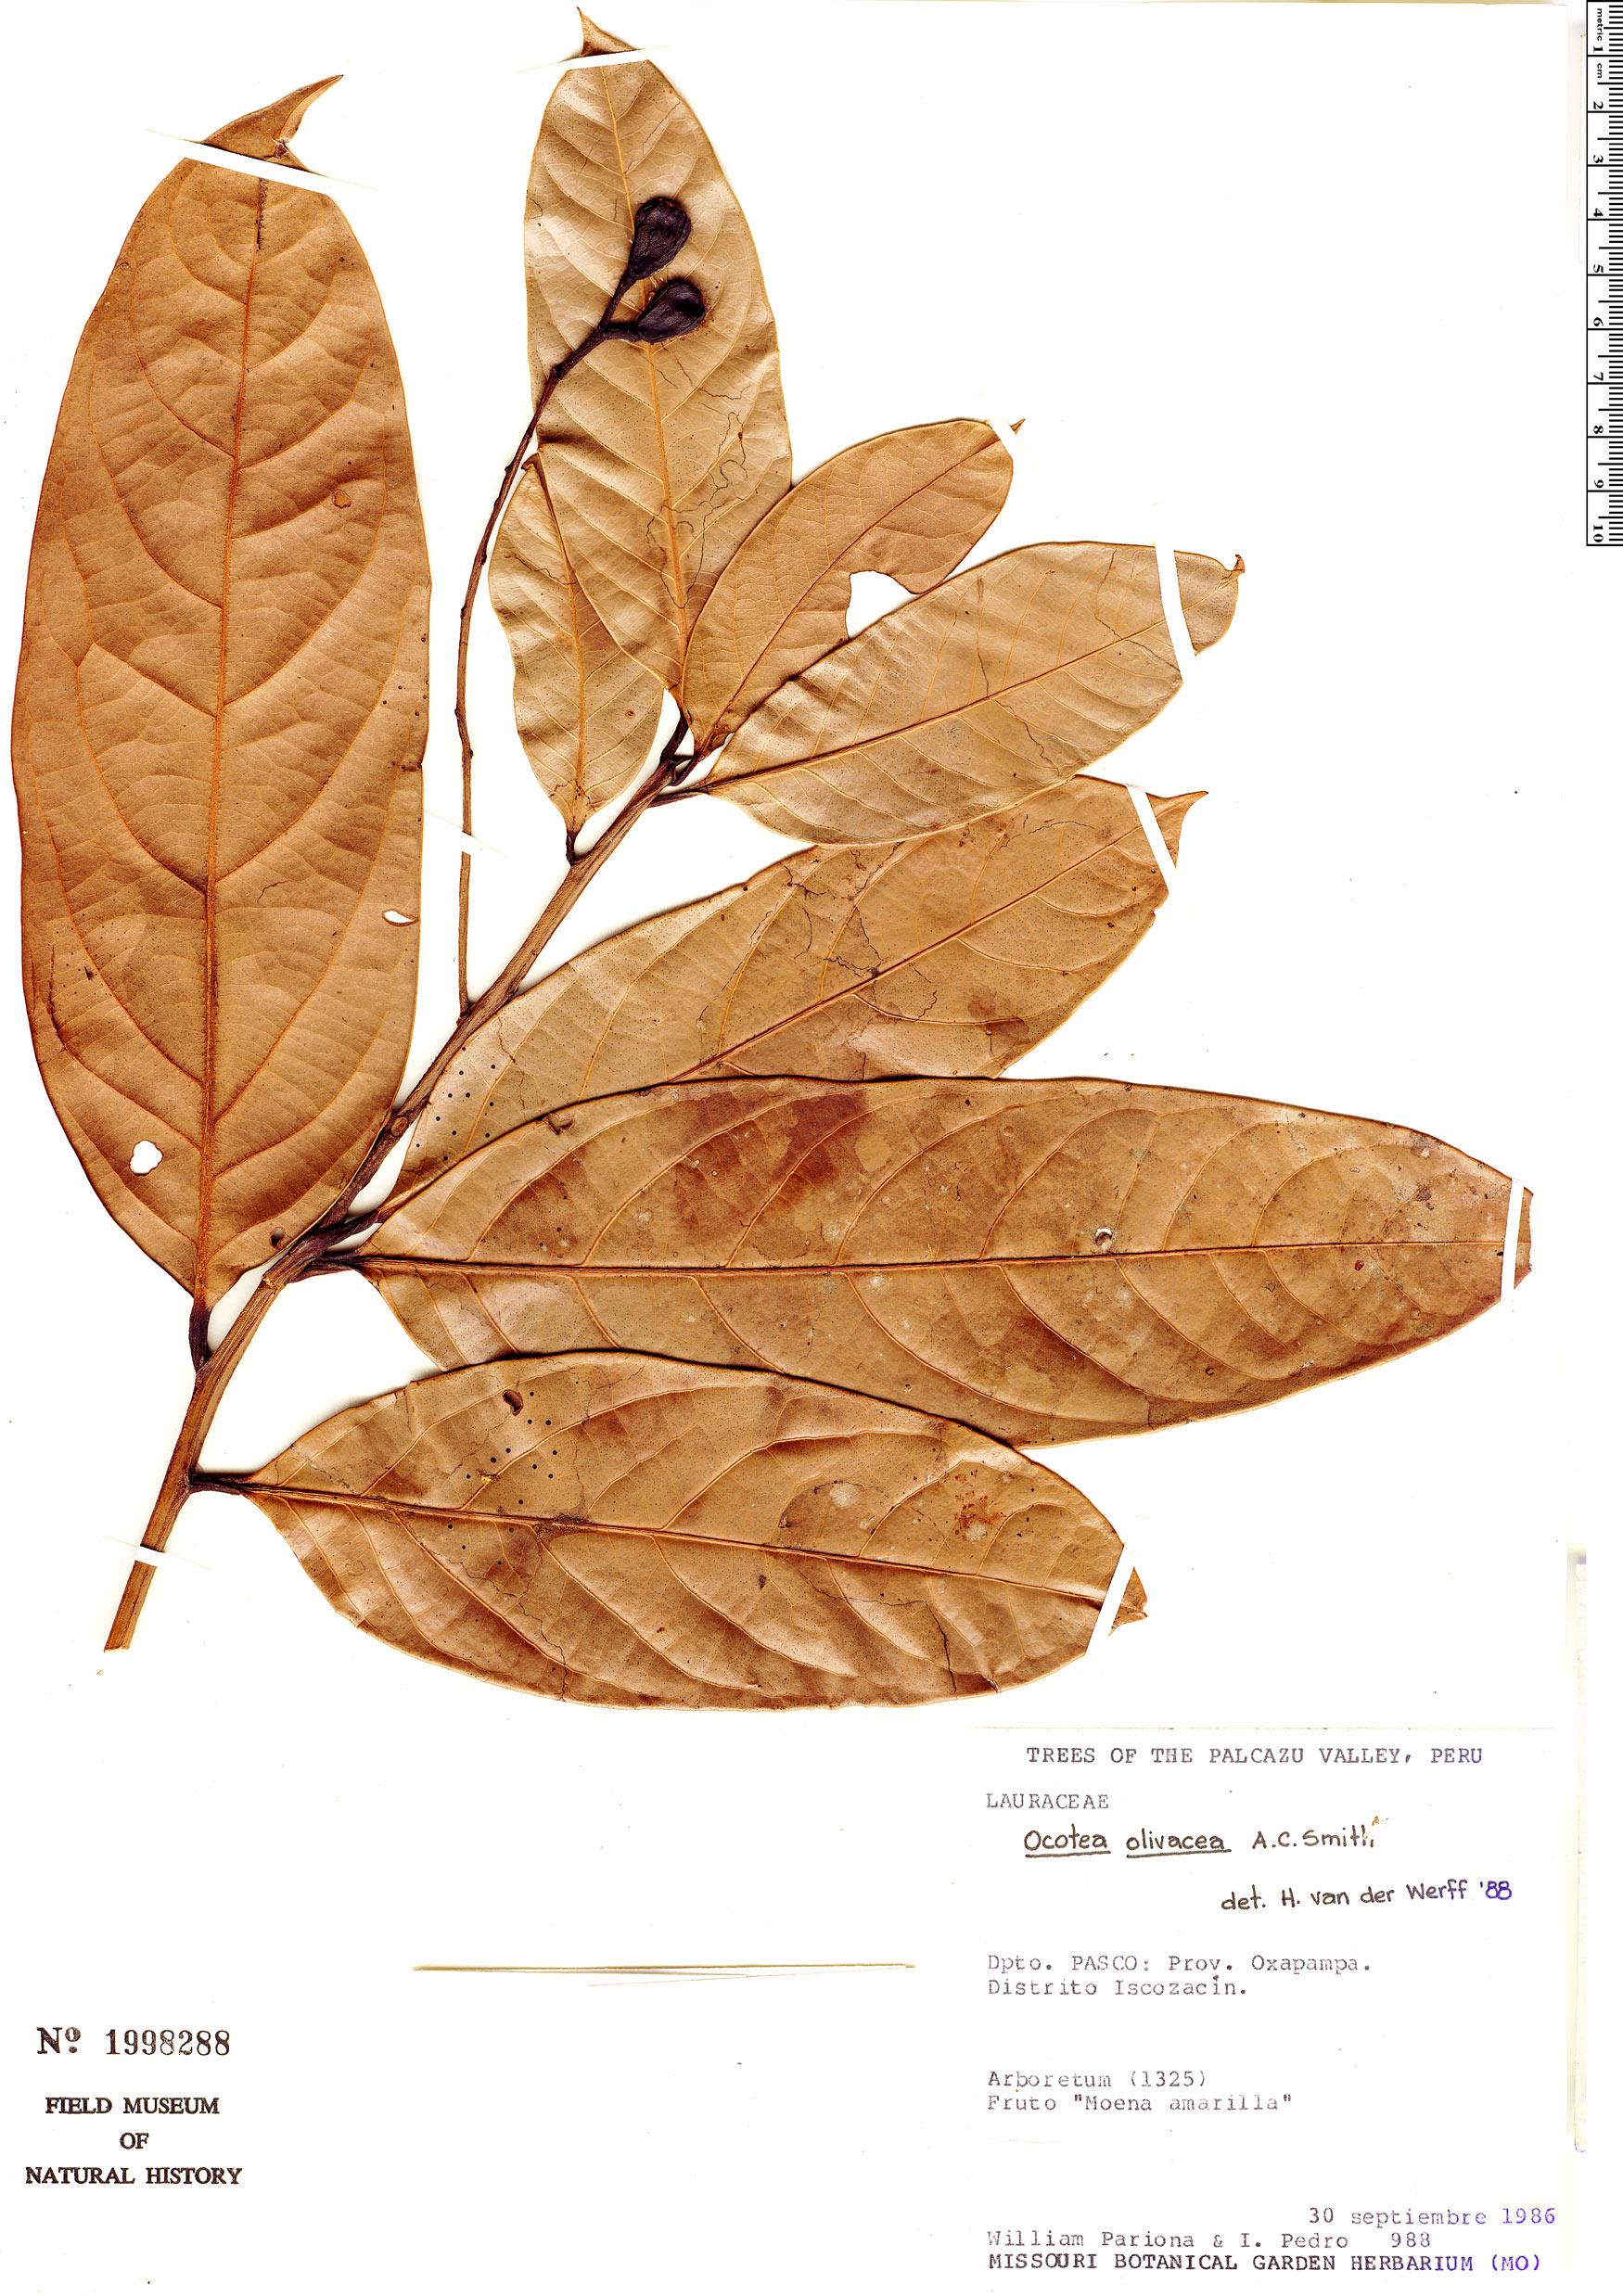 Specimen: Ocotea olivacea